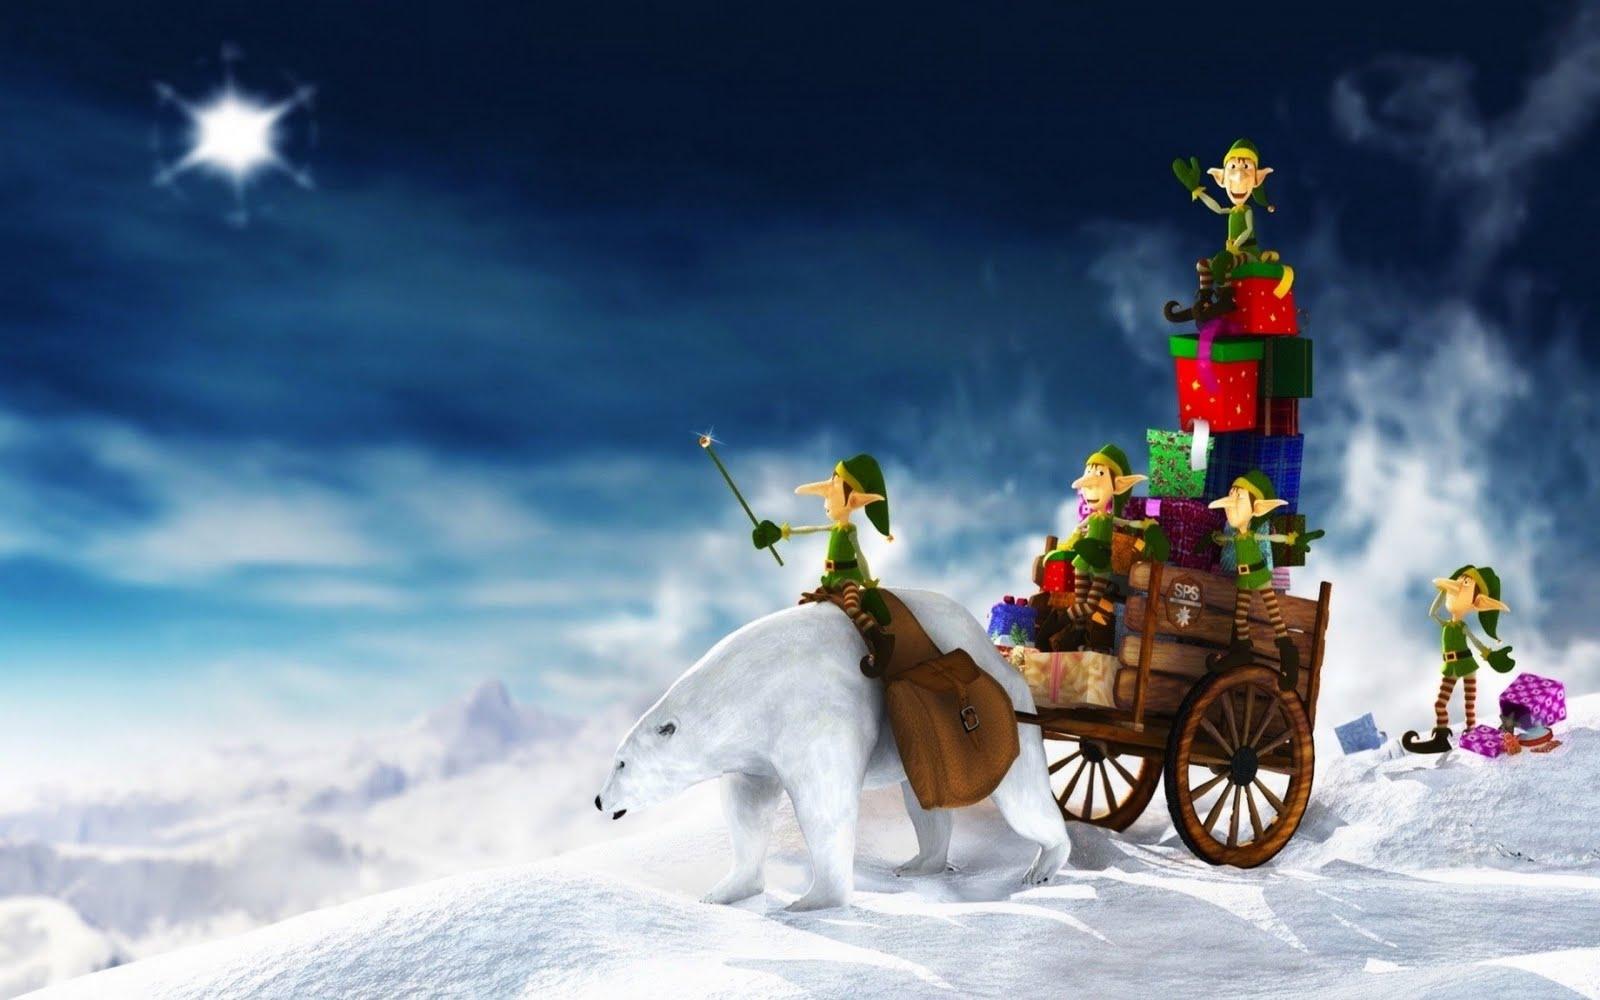 http://1.bp.blogspot.com/-RHQz4e8xK2A/TuaH4NWAGdI/AAAAAAAADfg/1gpTkOGVqwo/s1600-d/Merry.Christmas.3.jpg